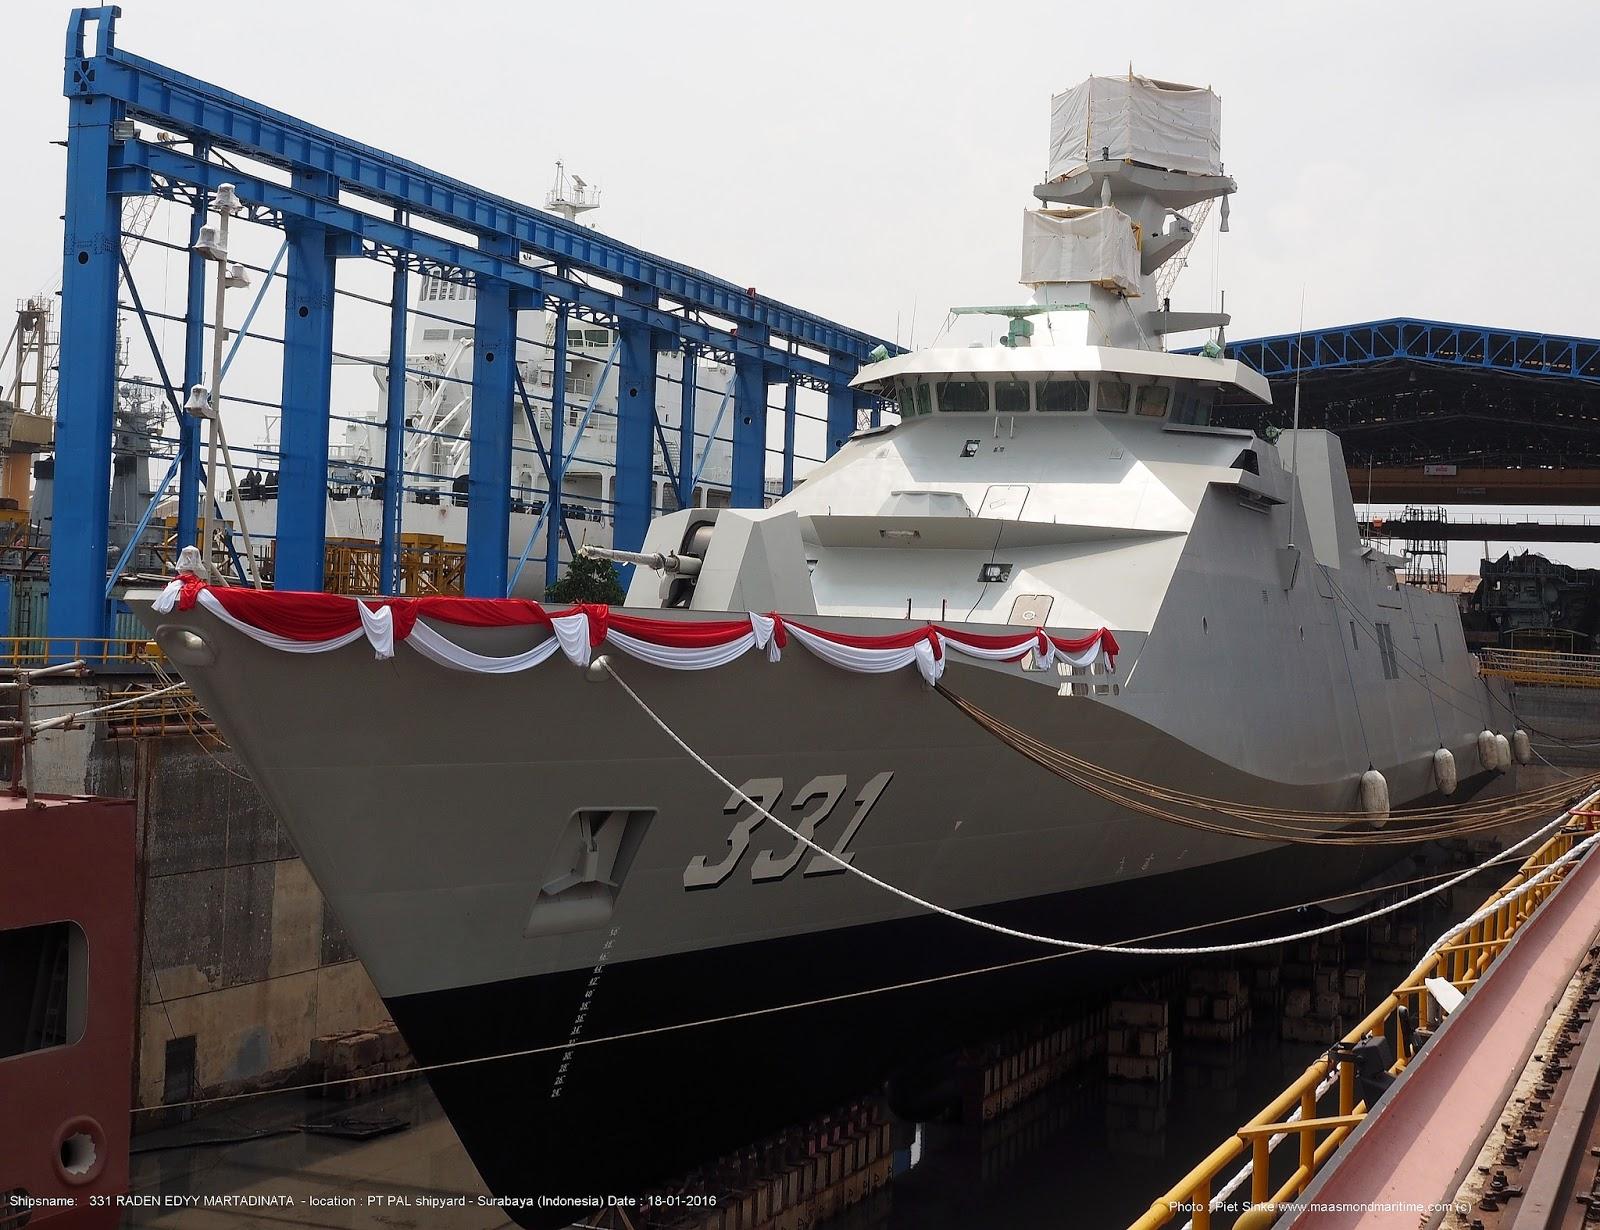 Cпущен на воду построенный в Индонезии фрегат типа SIGMA